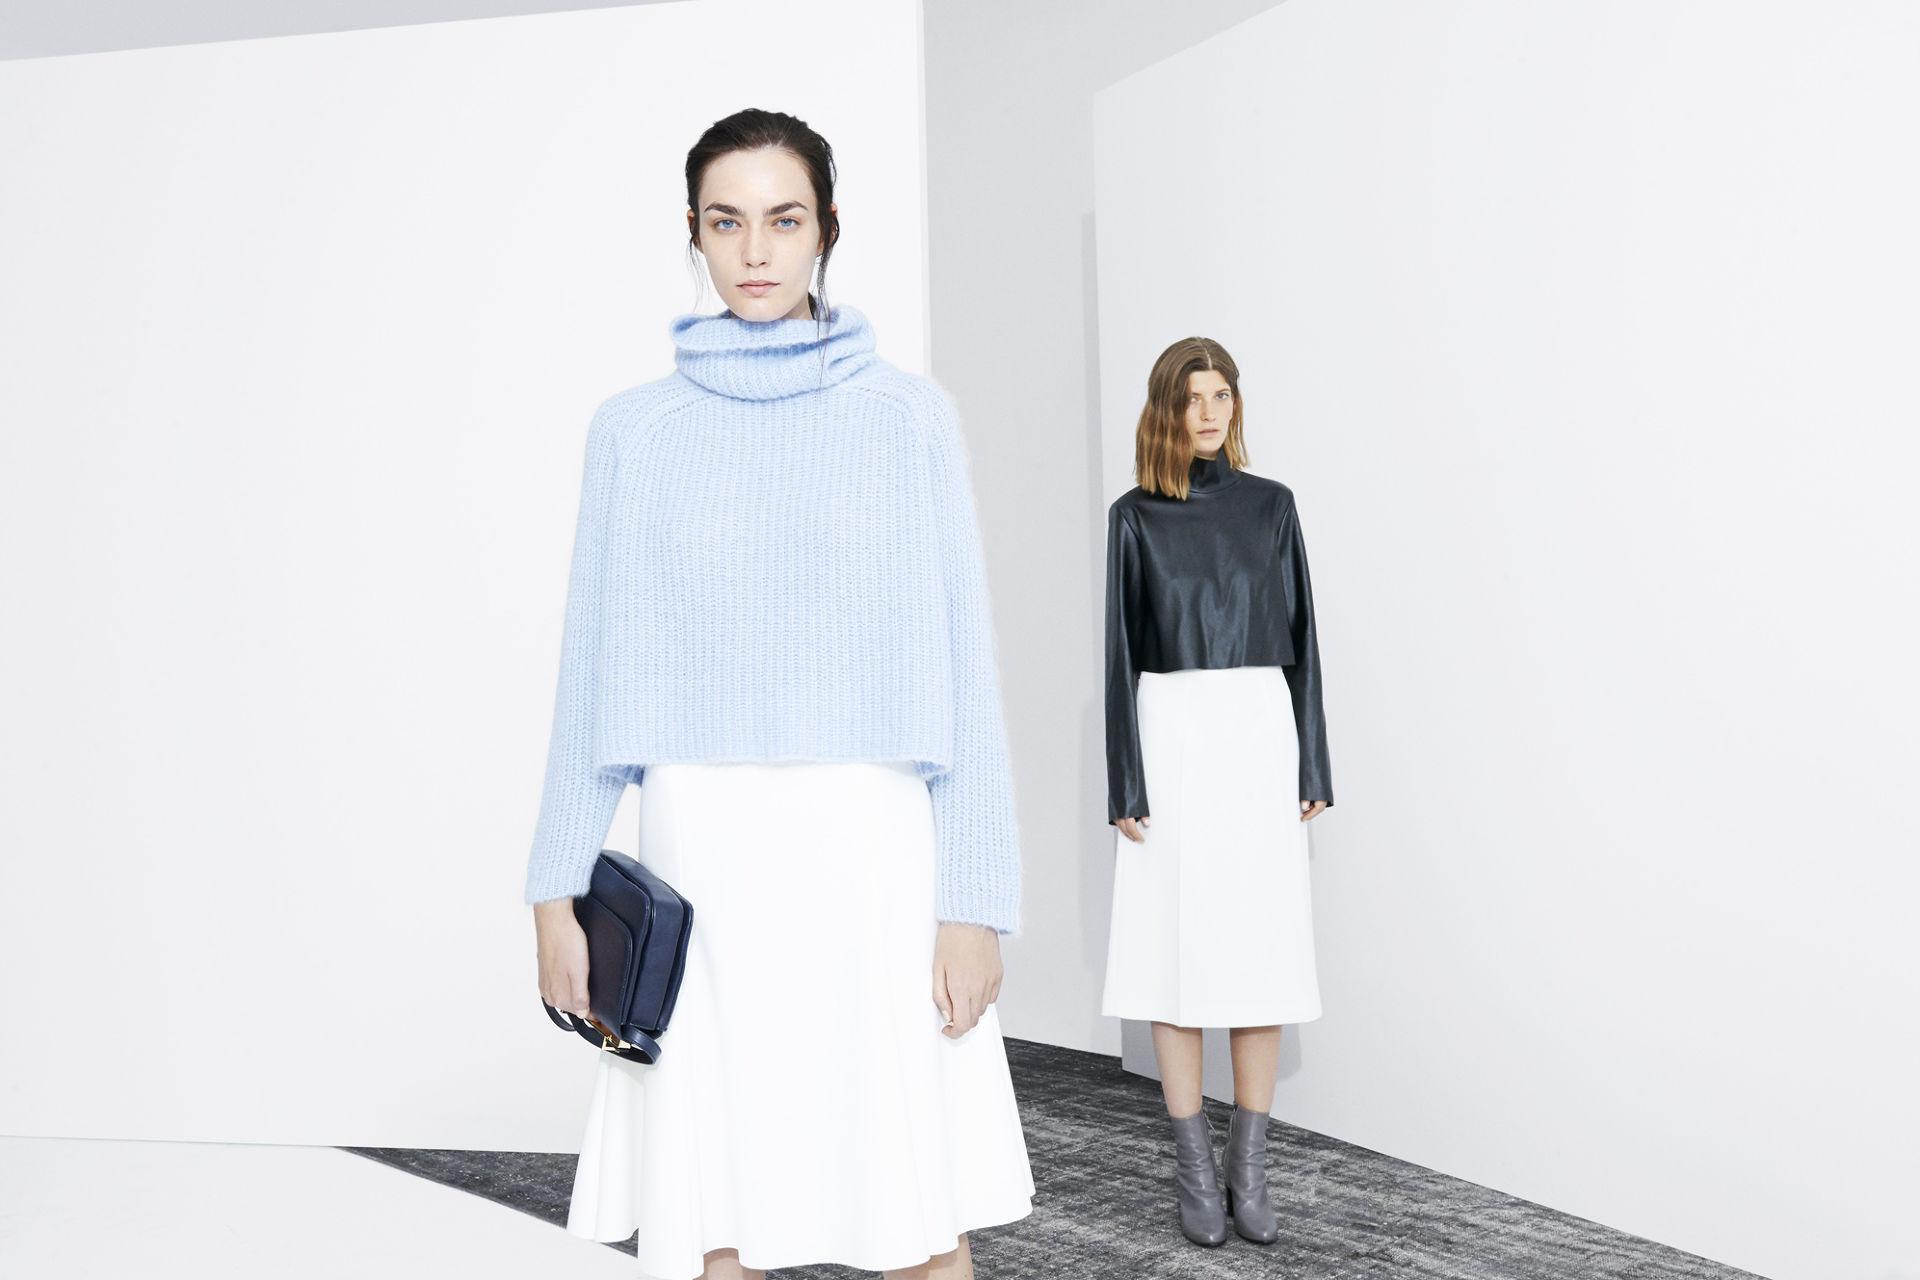 Новая коллекция одежды от Zara: сентябрь 2013 (ФОТО)